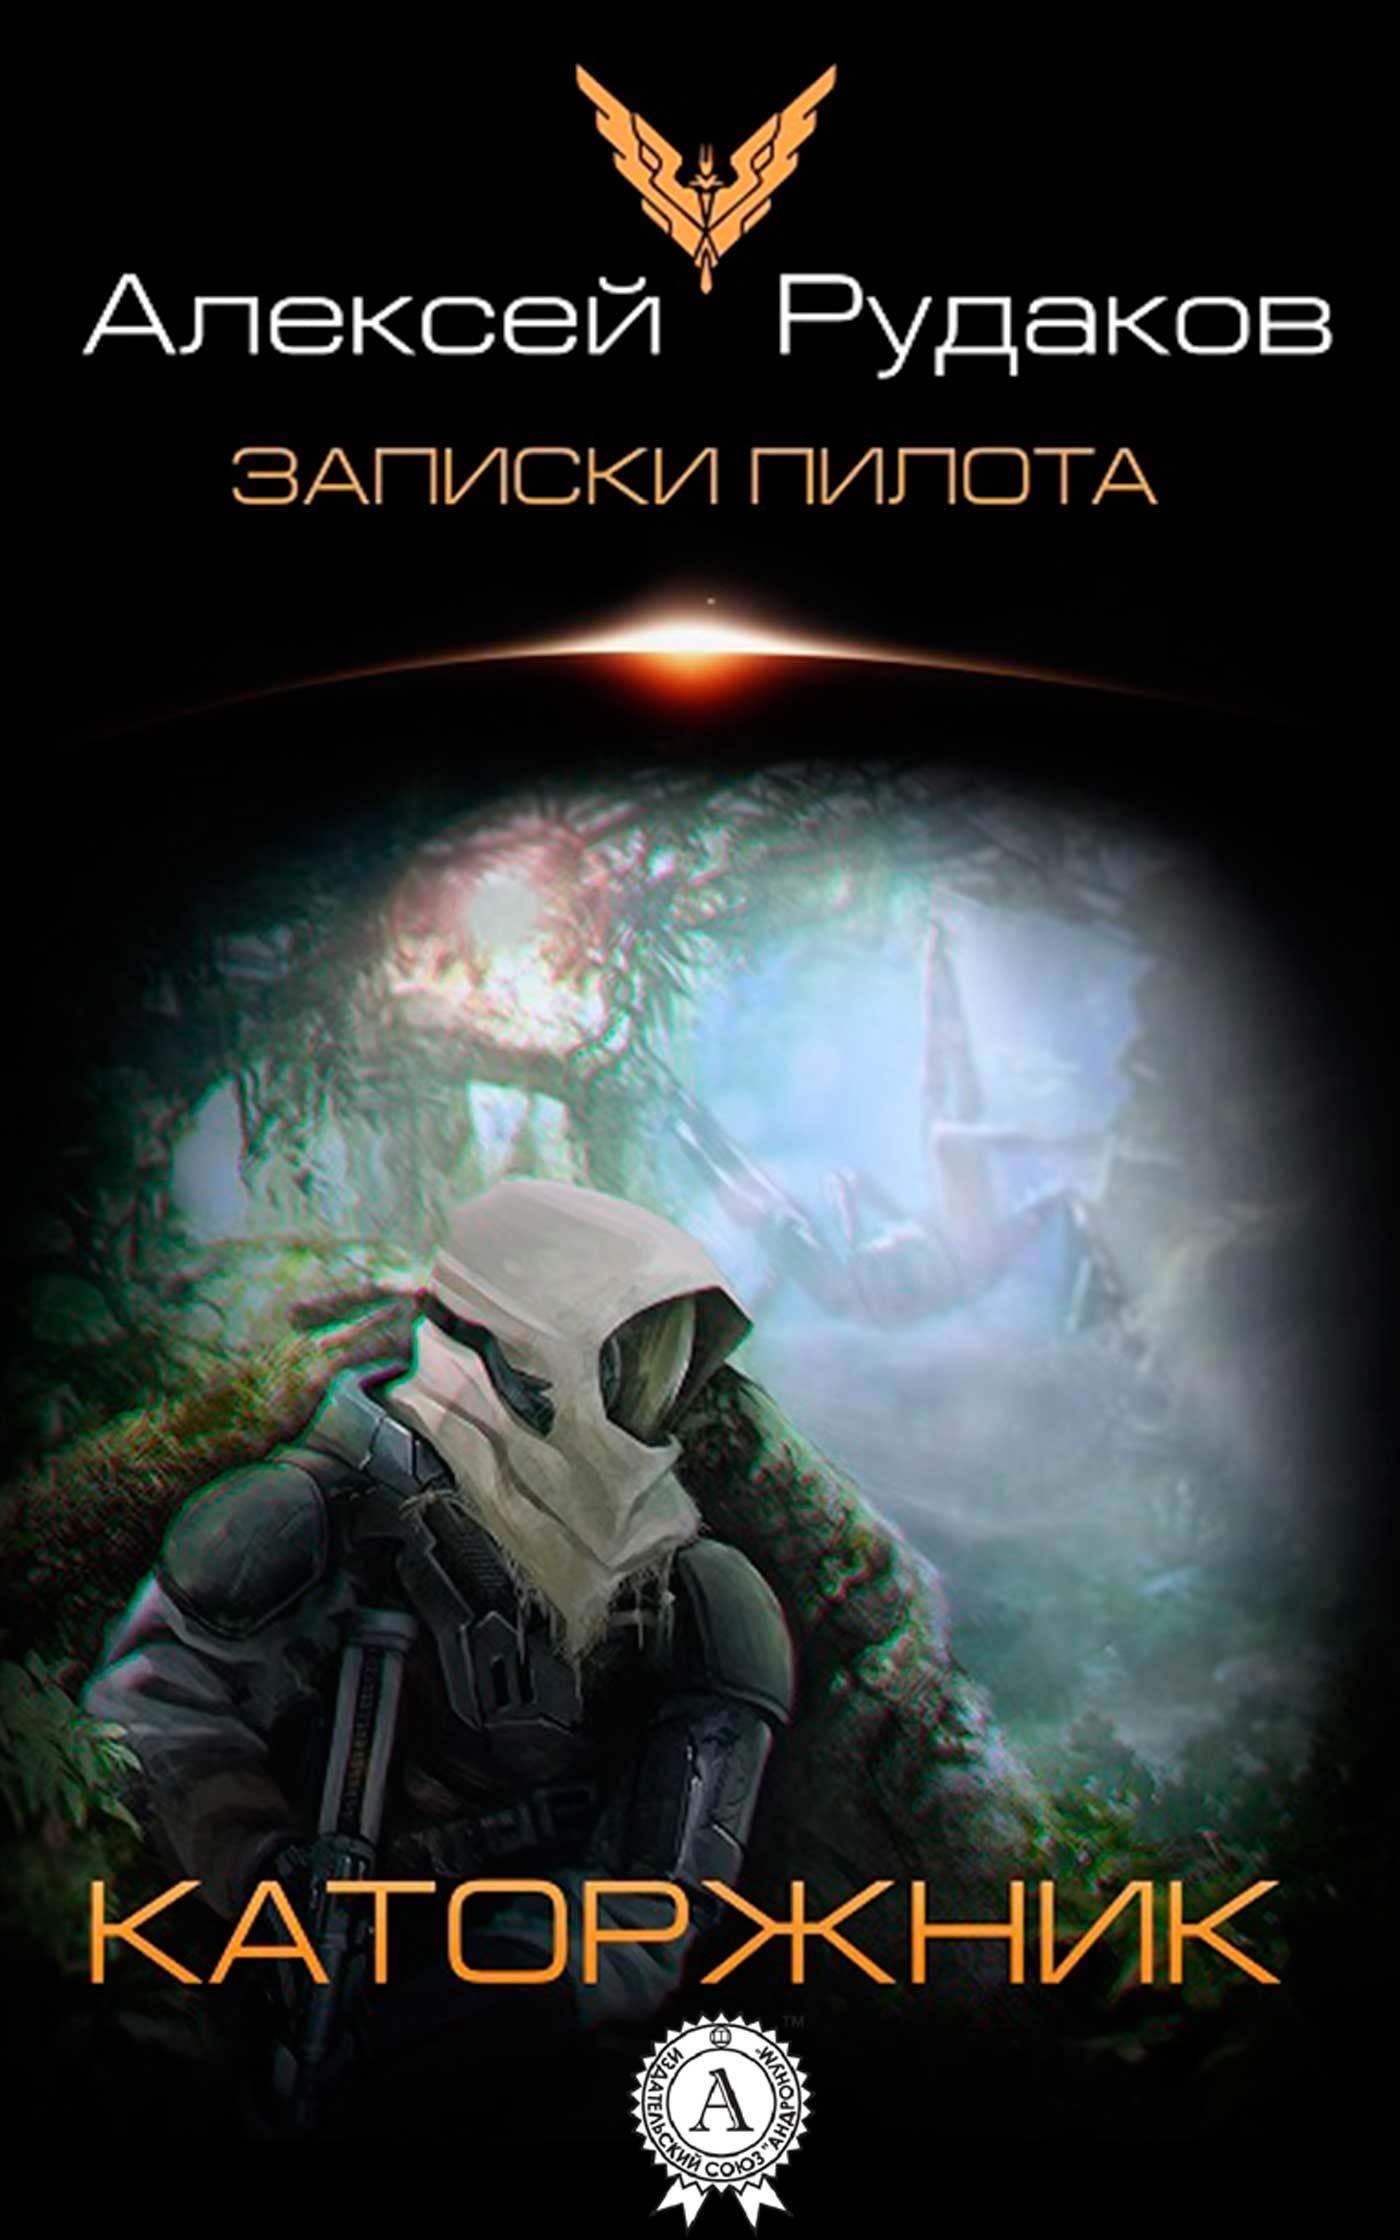 Алексей Рудаков Каторжник зид 50 пилот б у